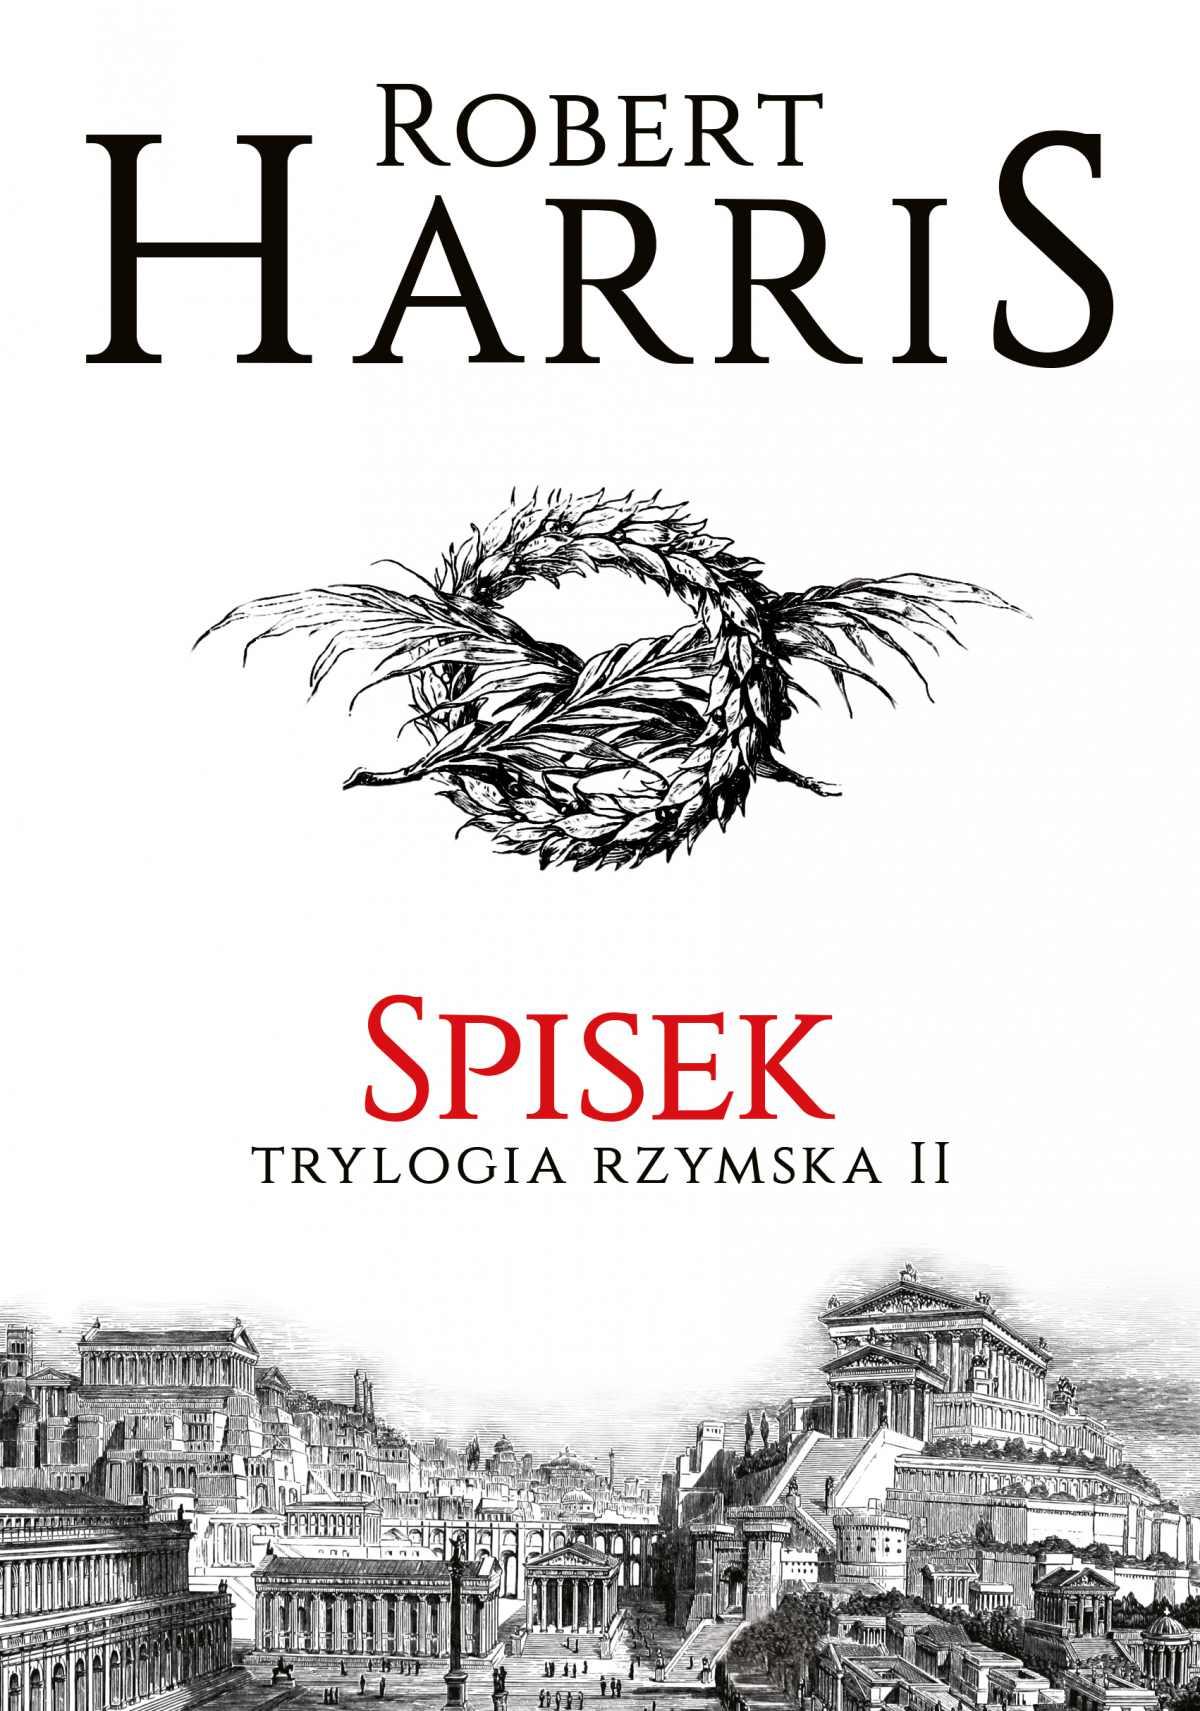 Spisek. Trylogia rzymska II - Ebook (Książka EPUB) do pobrania w formacie EPUB